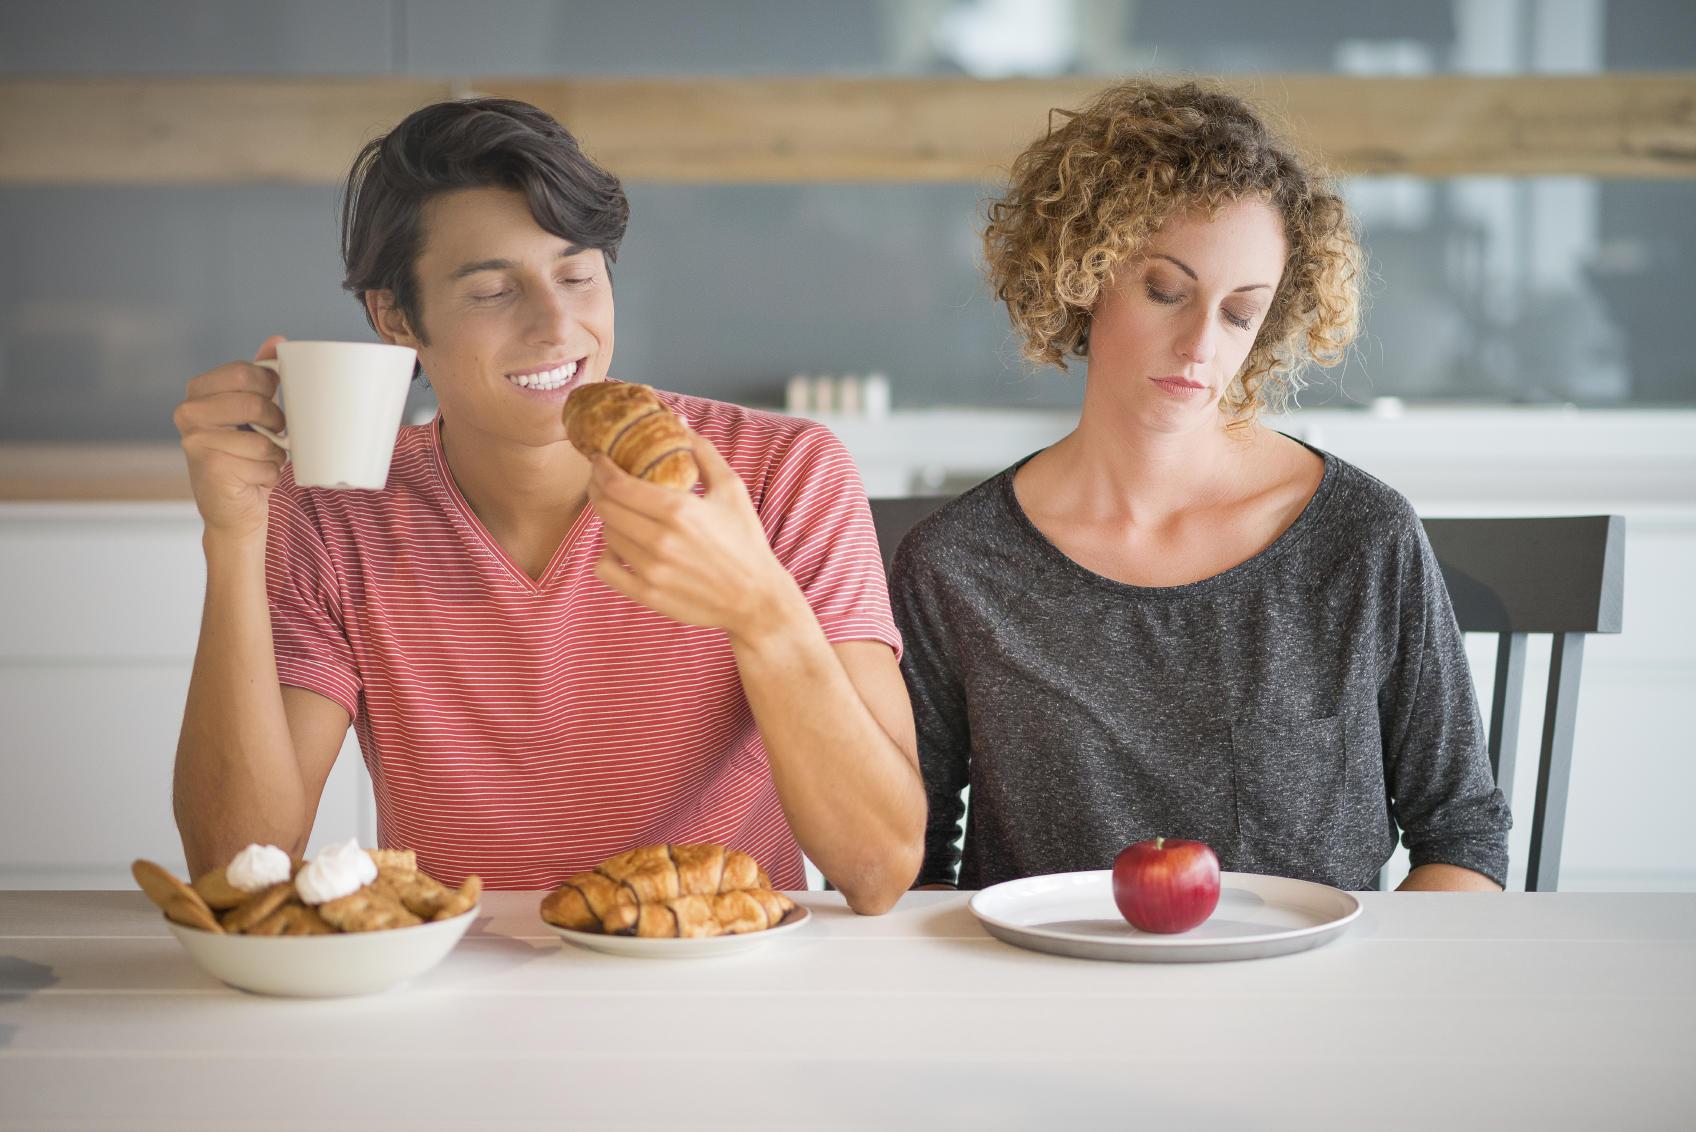 men-women-weight-loss